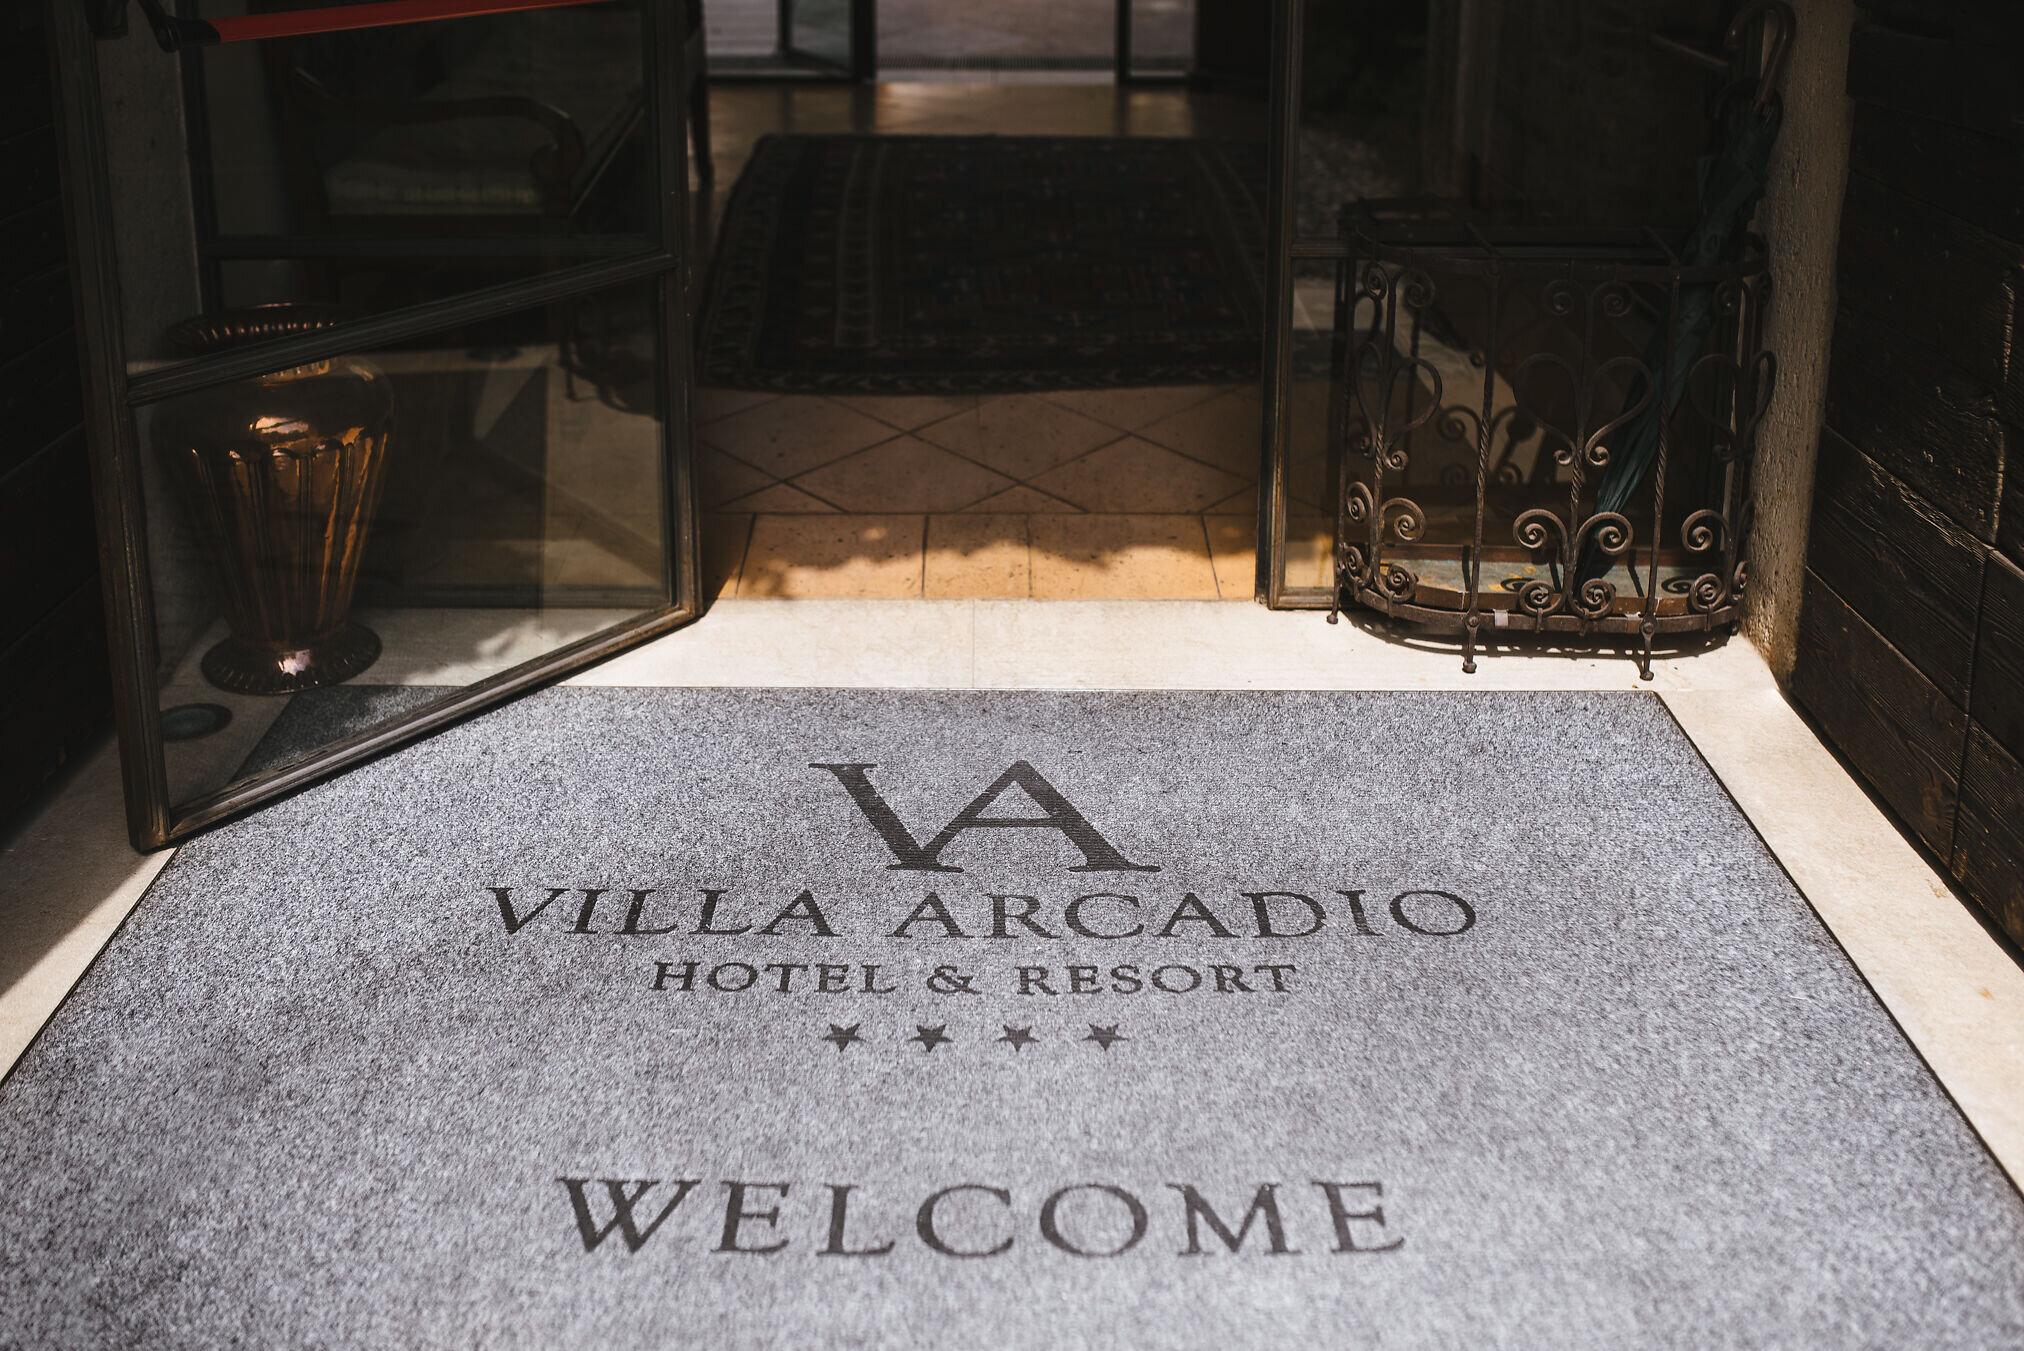 Wedding-Lake-Garda-Villa-Arcadio-3.jpg